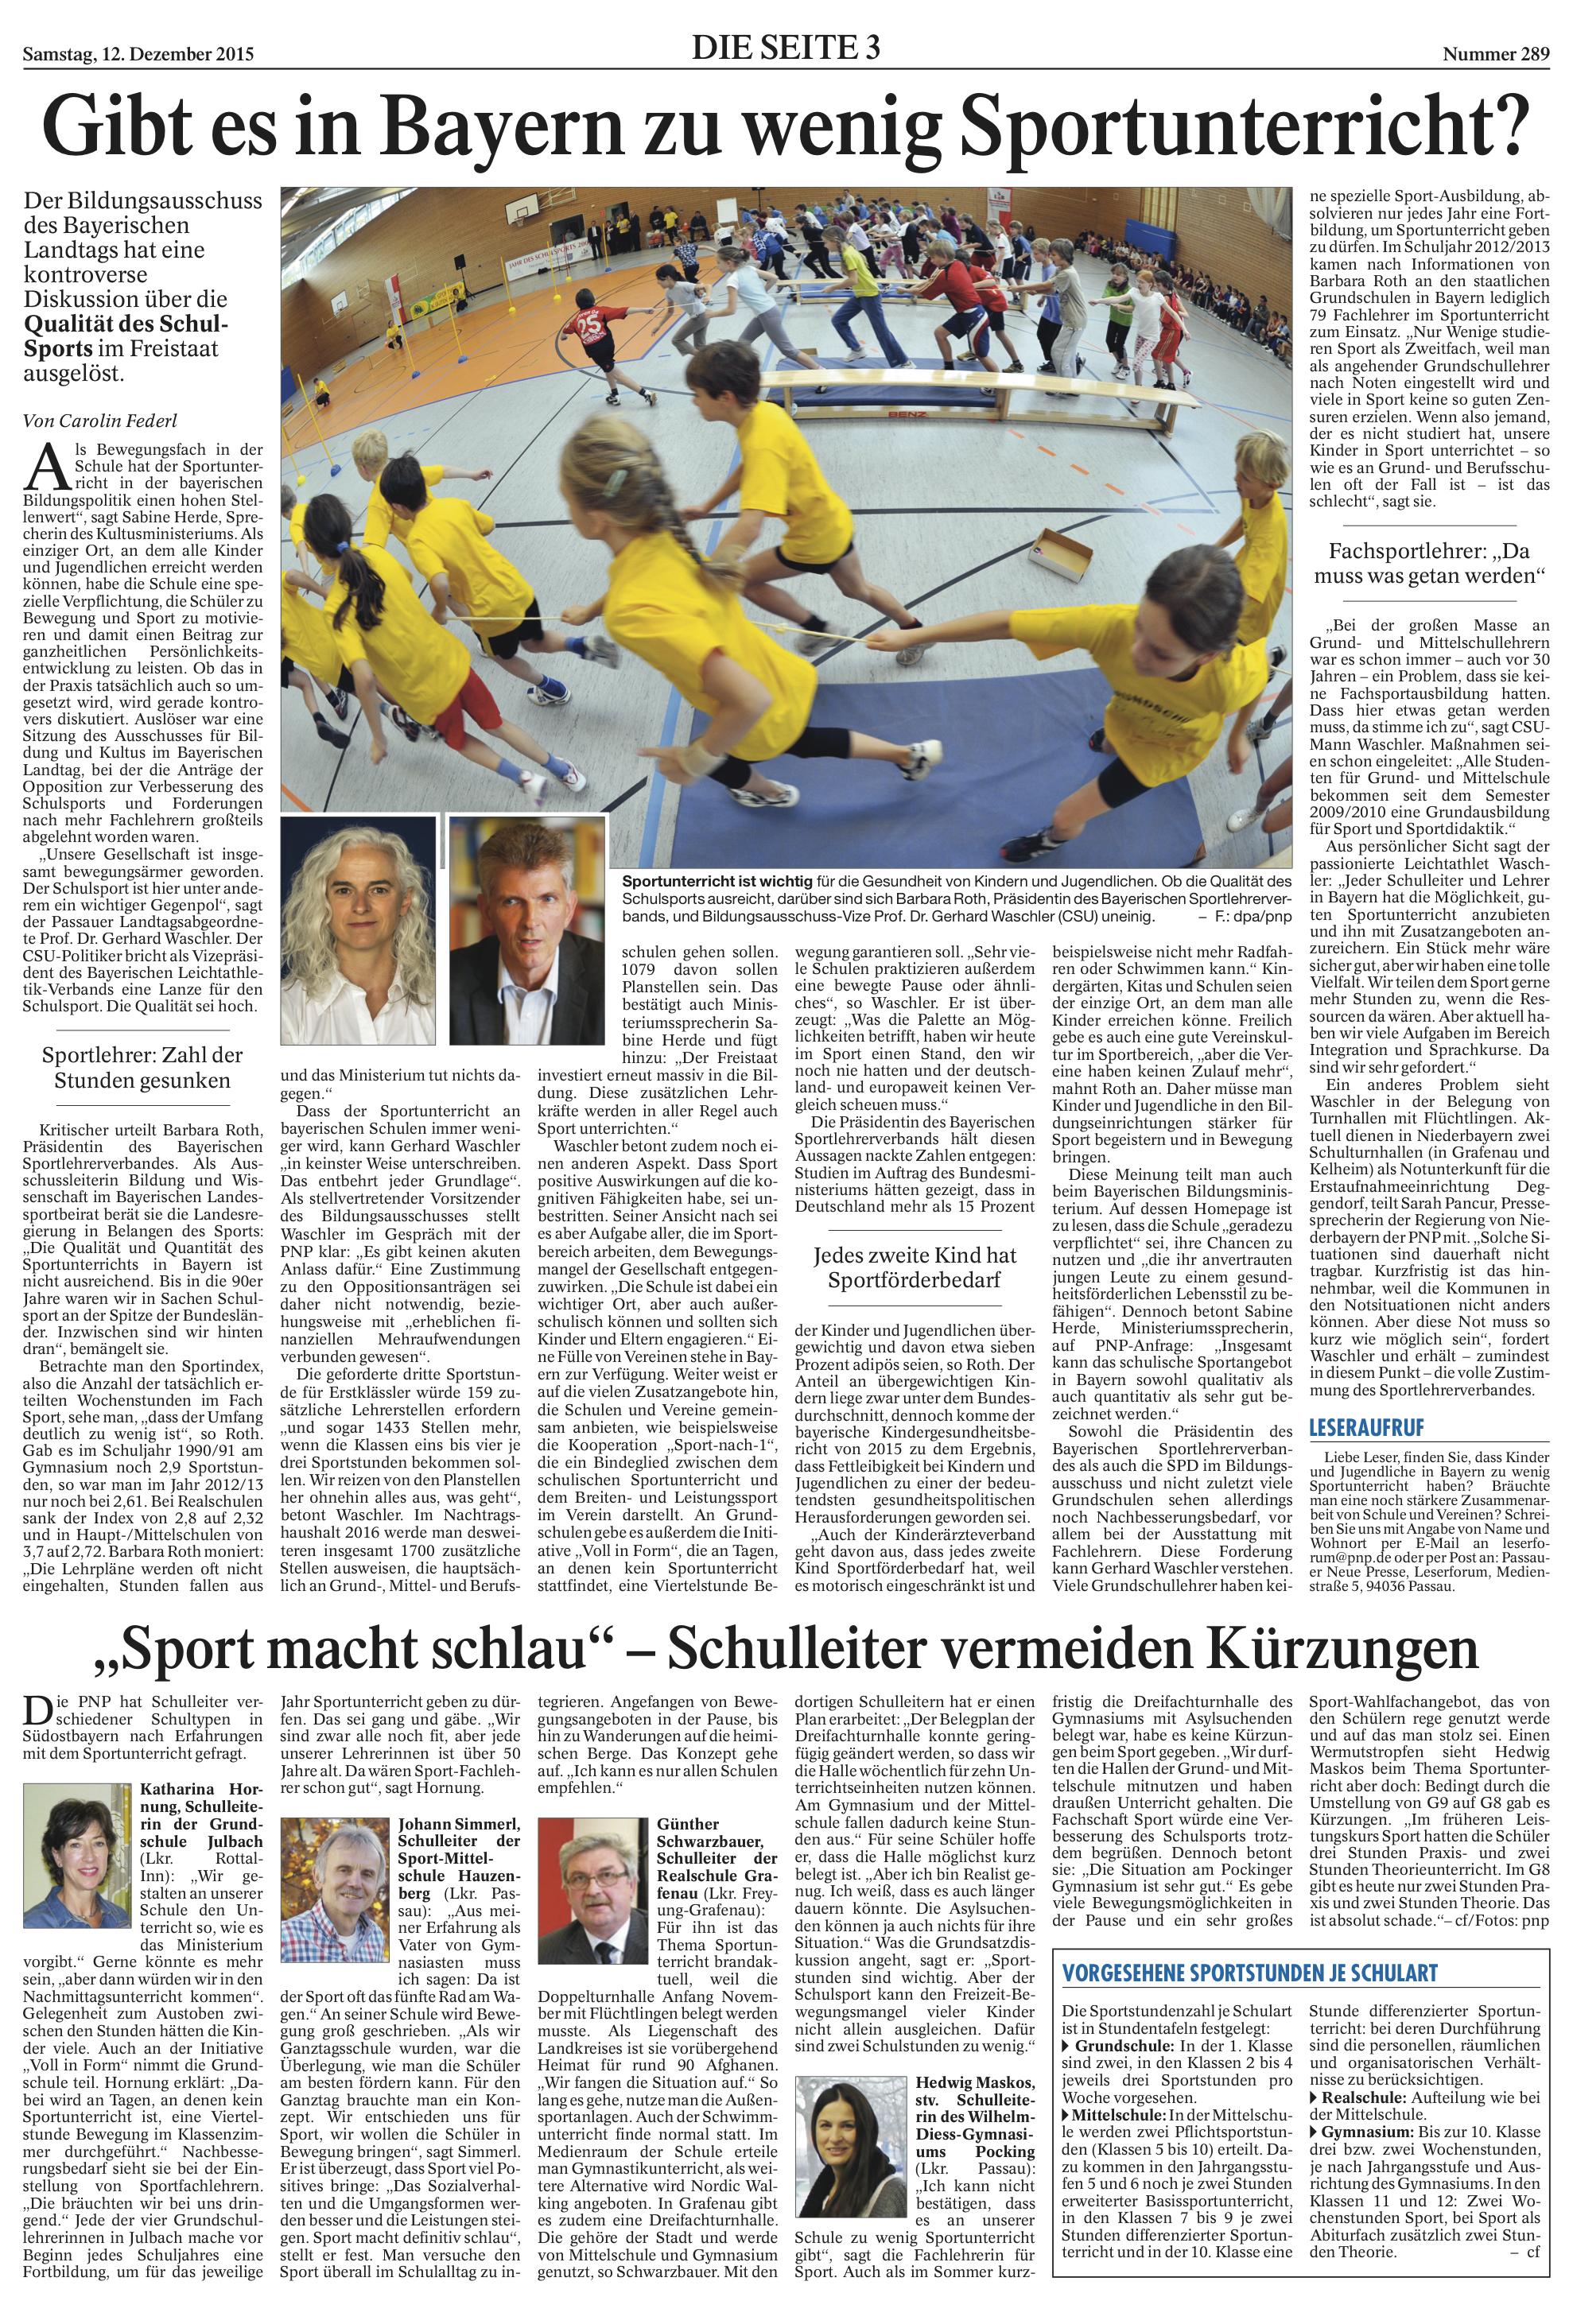 Sportunterricht - PNP_12122015